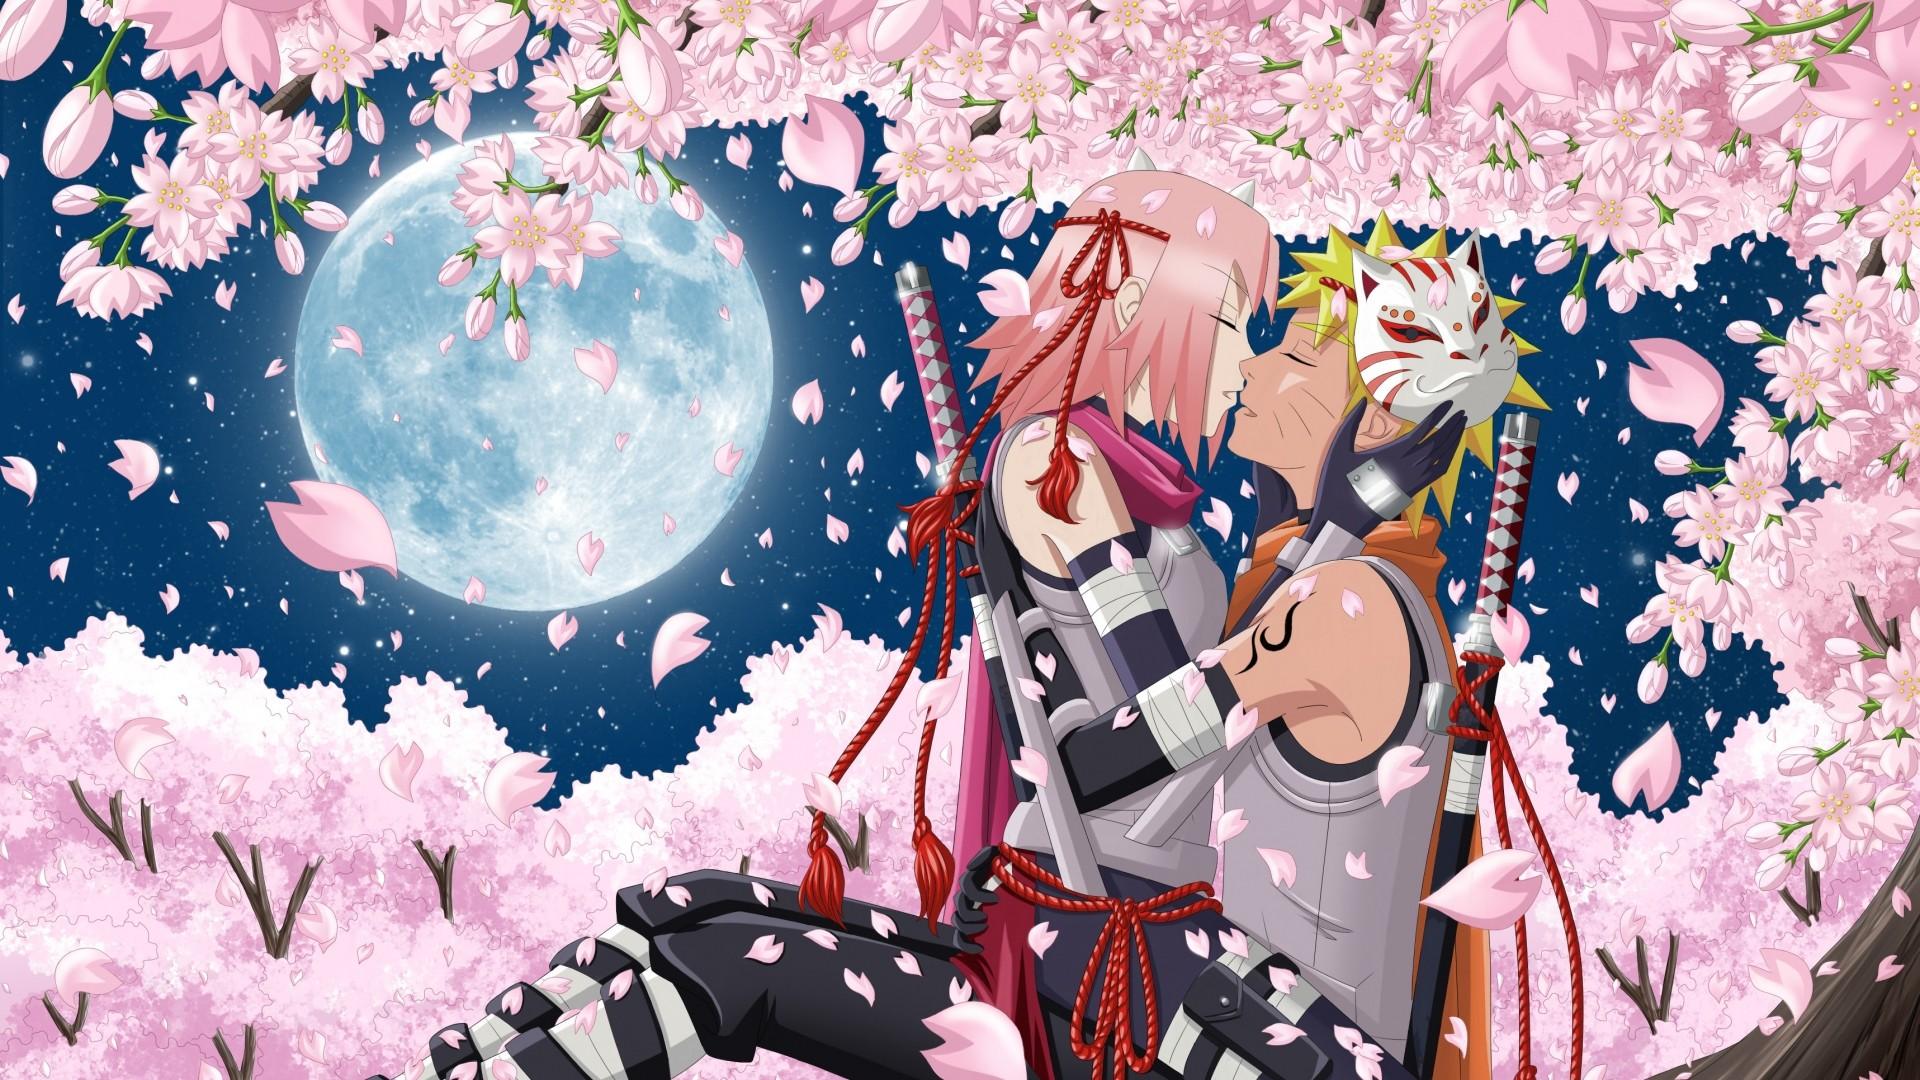 Wallpaper art, hanabi-rin, anime, naruto, uzumaki naruto, haruno